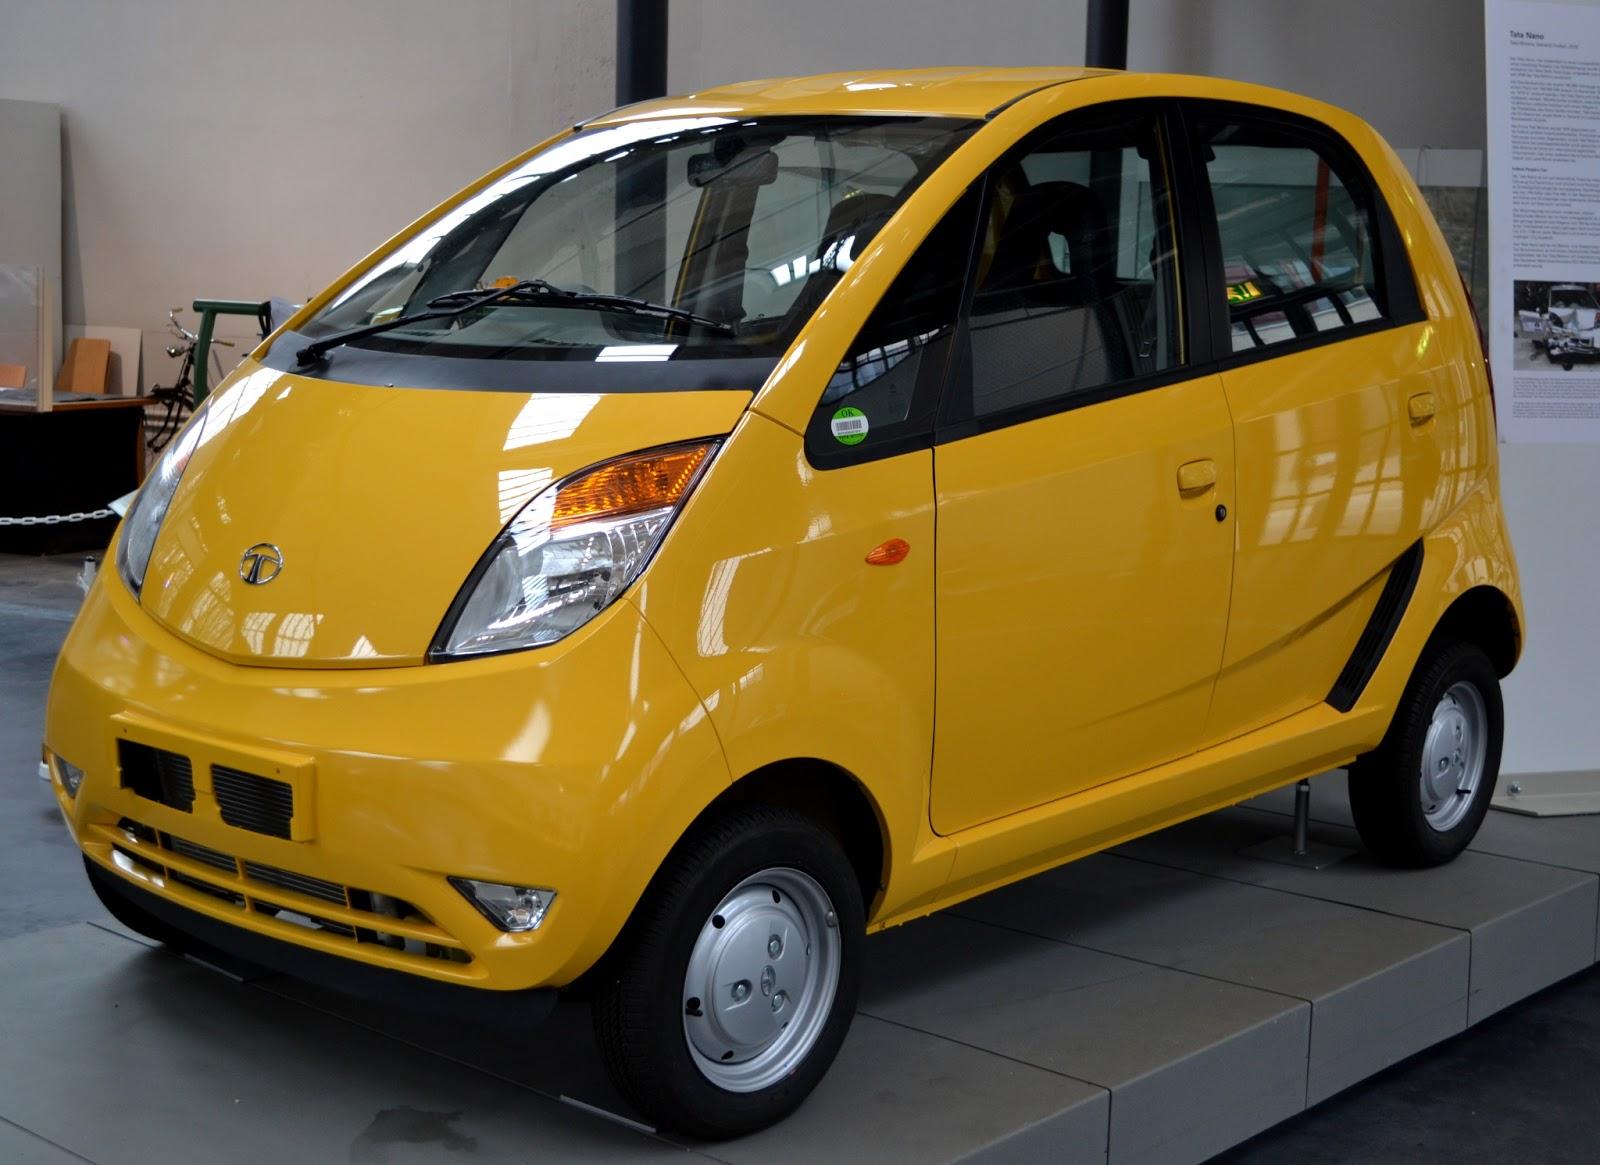 Mobil Baru Rp 24 Jutaan Jadi Viral - Kompas.com